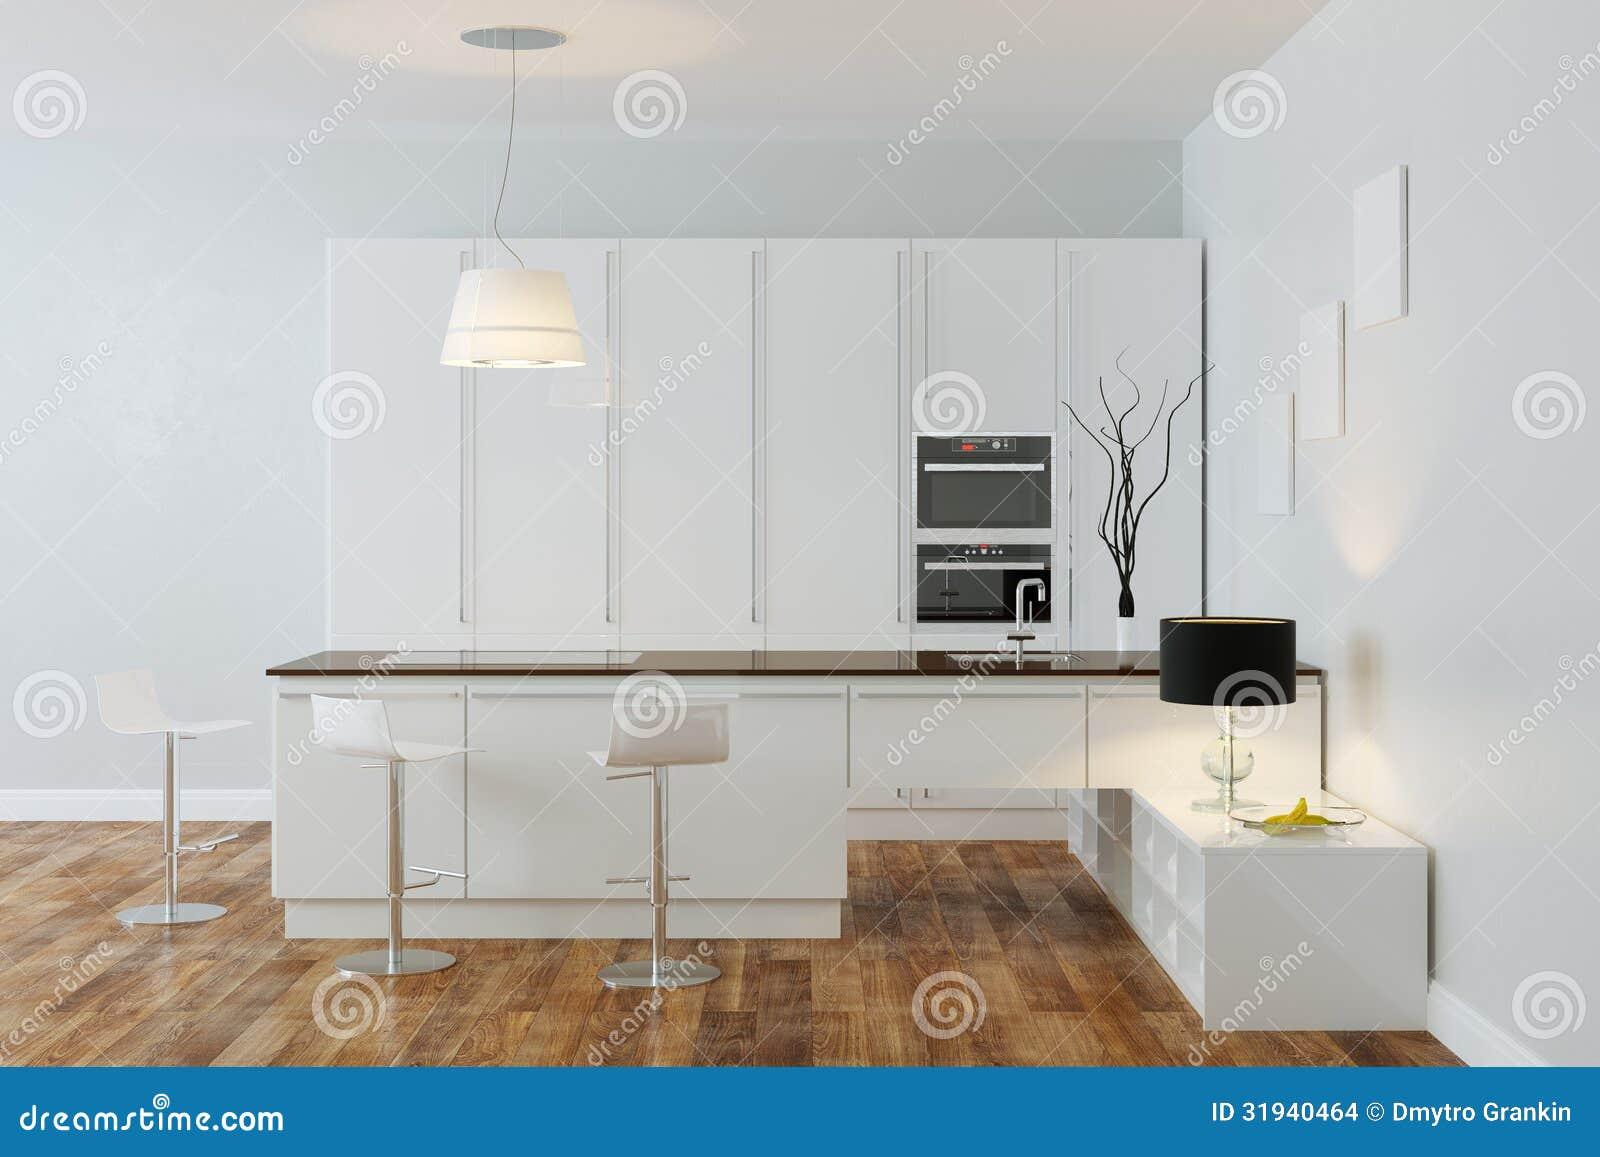 Witte luxehi tech keuken met bar (front view) stock afbeeldingen ...